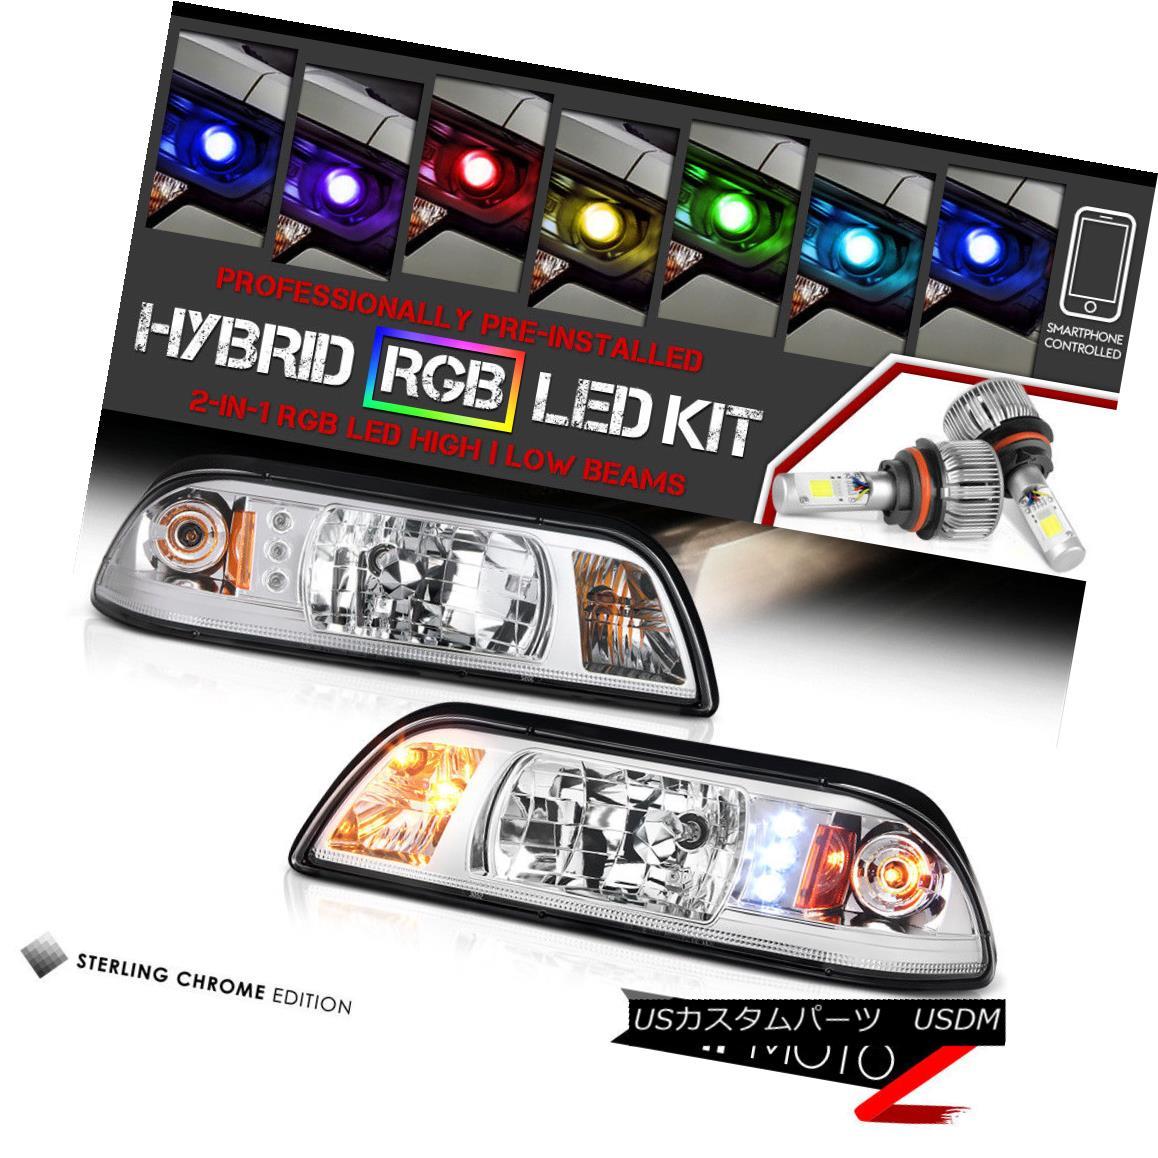 ヘッドライト [Bluetooth RGB LED Bulbs] 1PC Chrome Headlight Signal 87-93 Ford Mustang GT V8 [ブルートゥースRGB LED電球] 1PCクロームヘッドライト信号87-93フォードマスタングGT V8